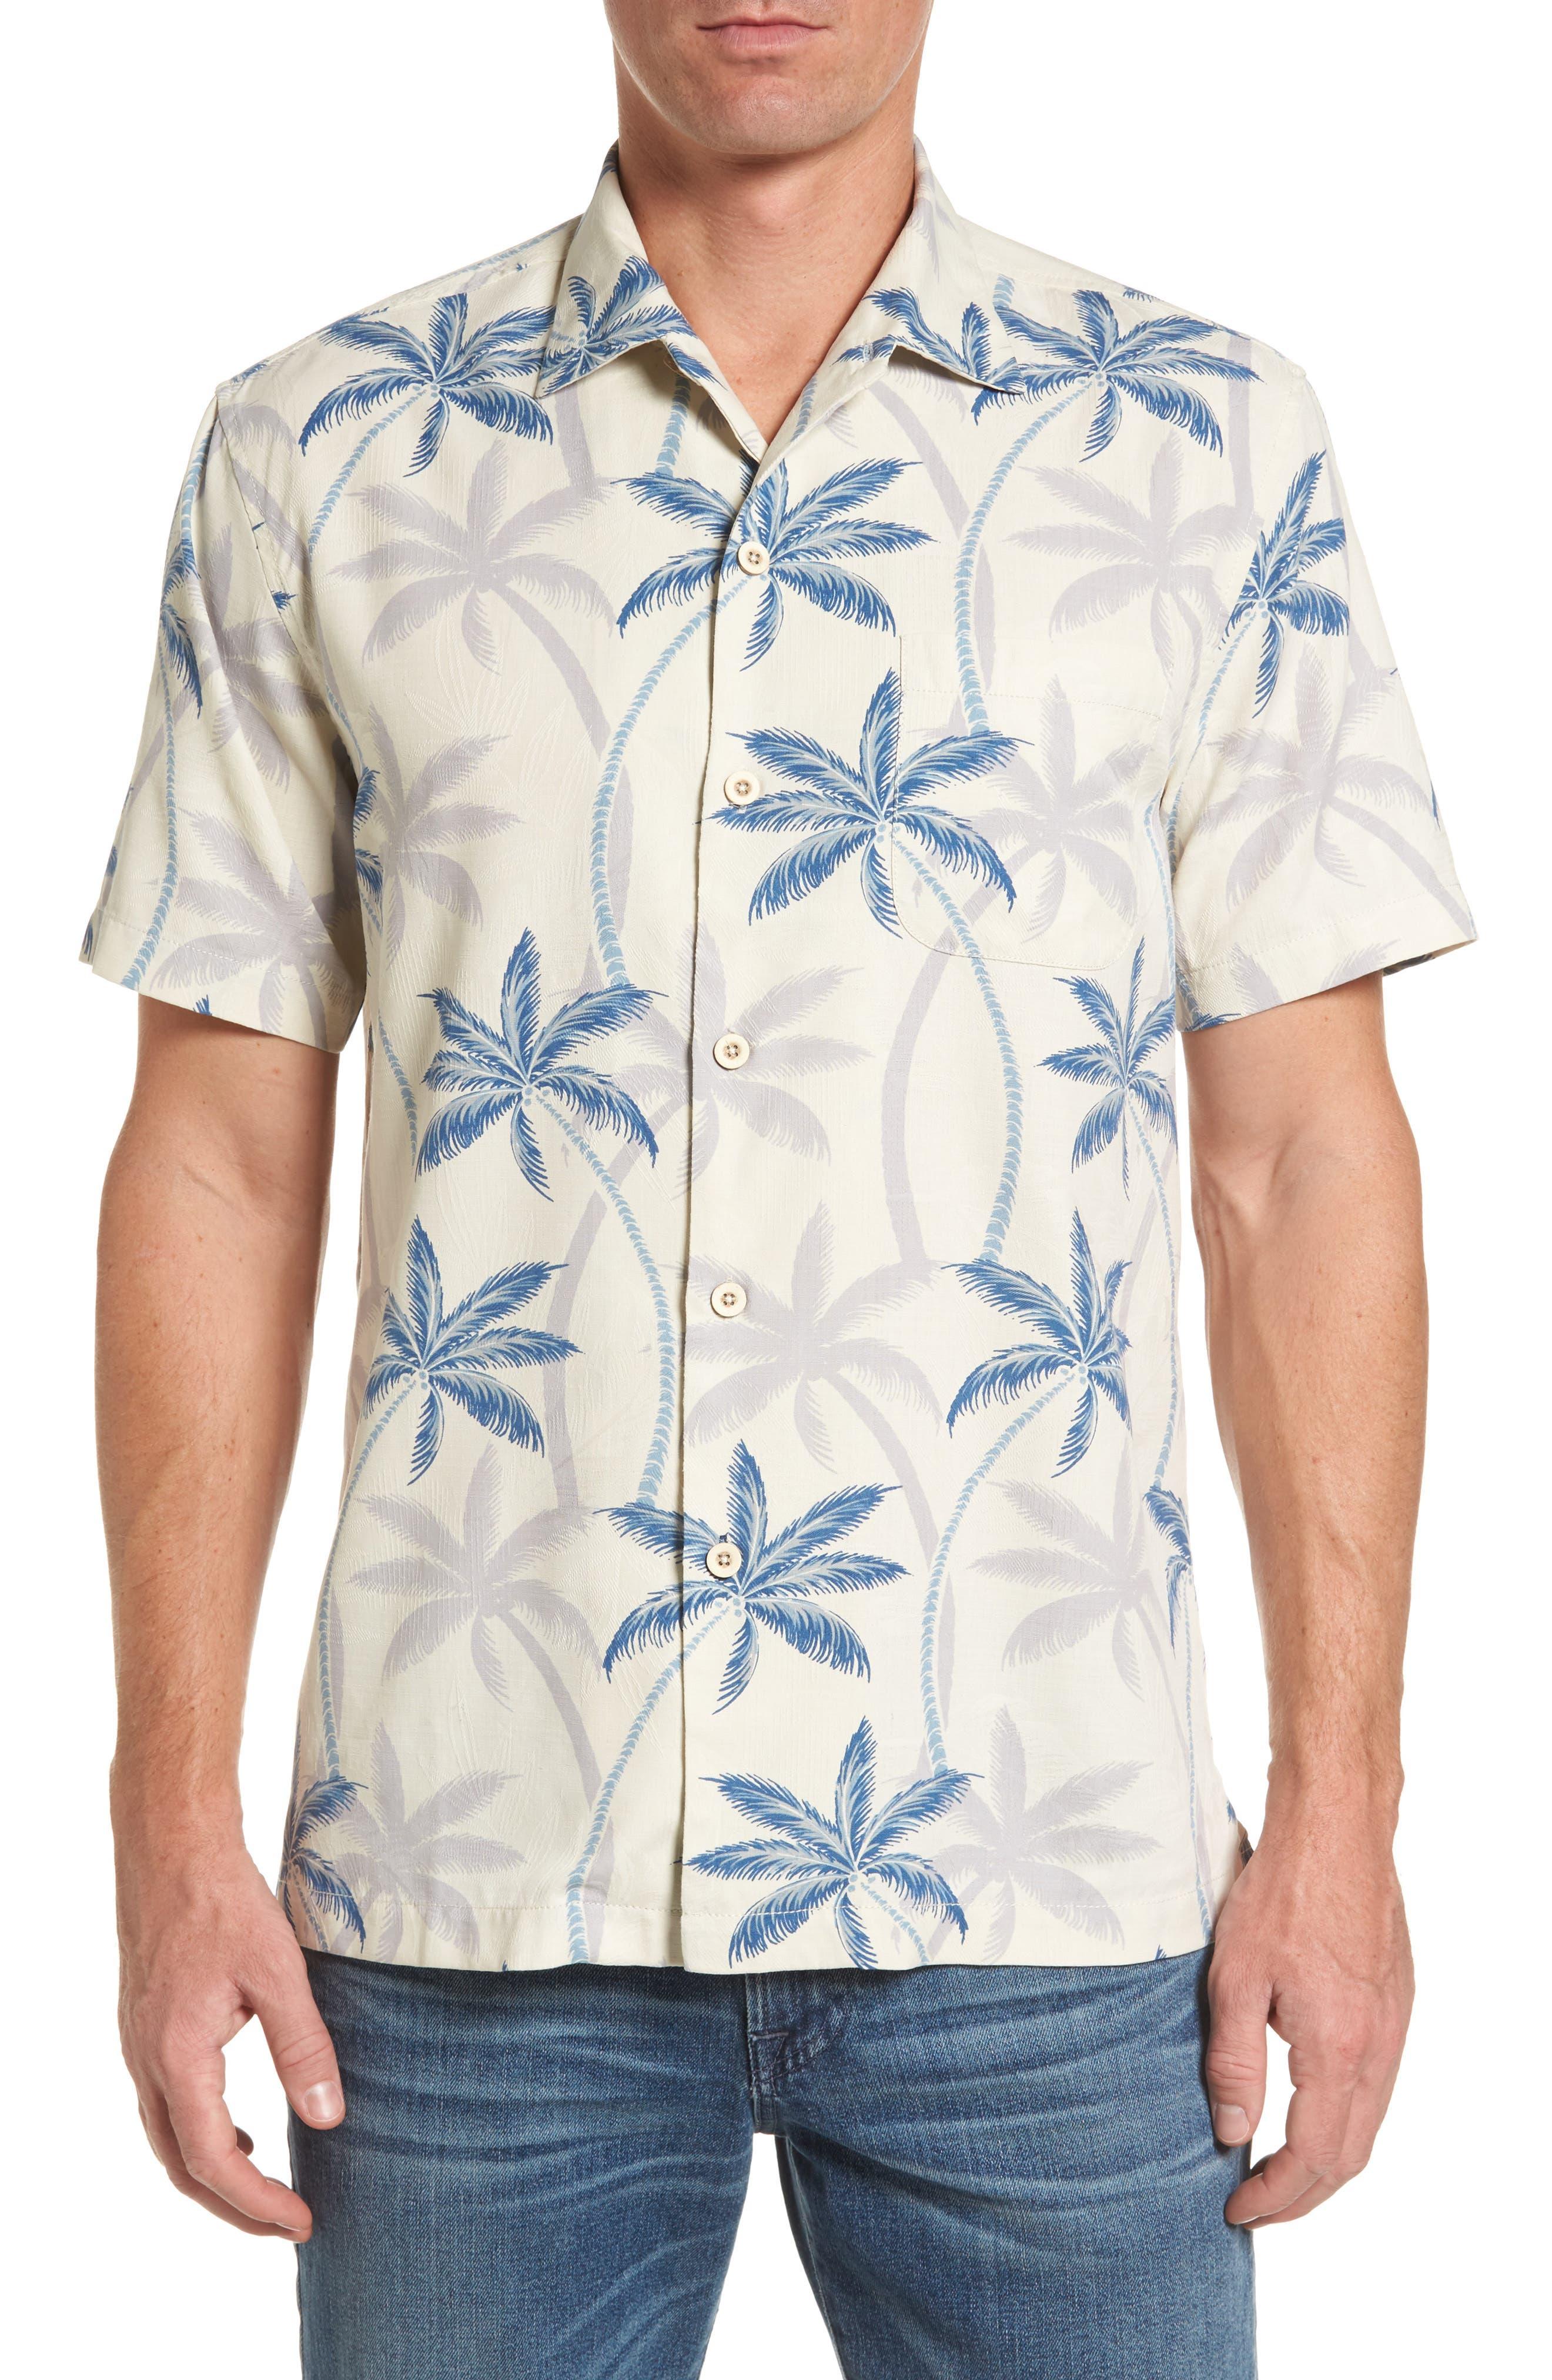 Tommy Bahama Palmas Palooza Woven Shirt